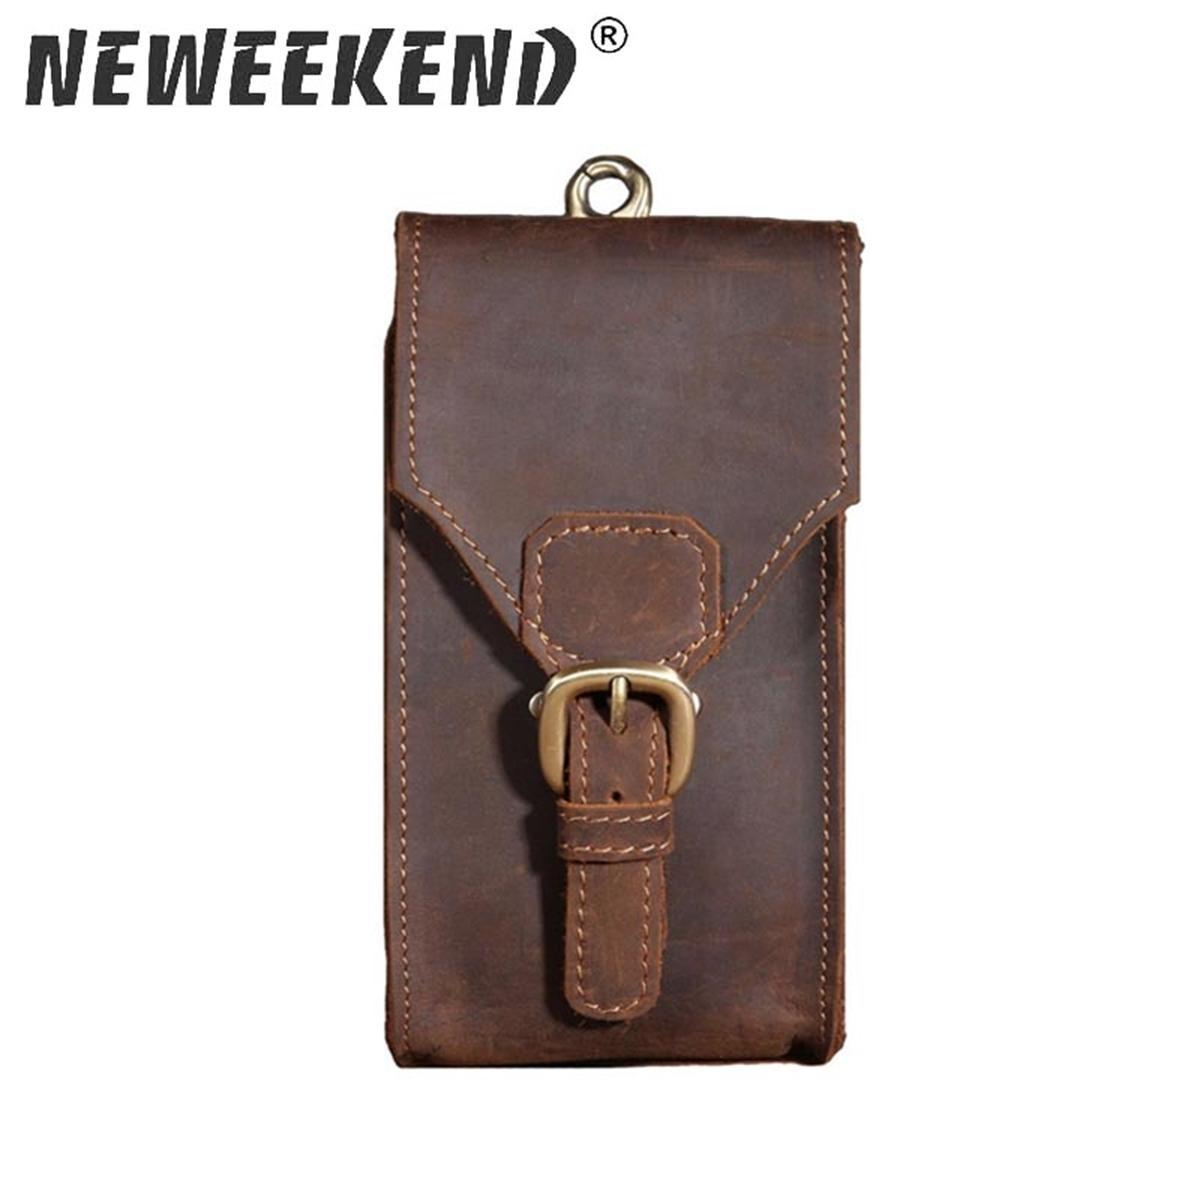 New Men Genuine Crazy Horse Pelle Vita Fanny Bag Borsa Hip Bum Bum Bort Loops Pack Pocket Pocket Portafoglio borsa per uomo 2095 201130